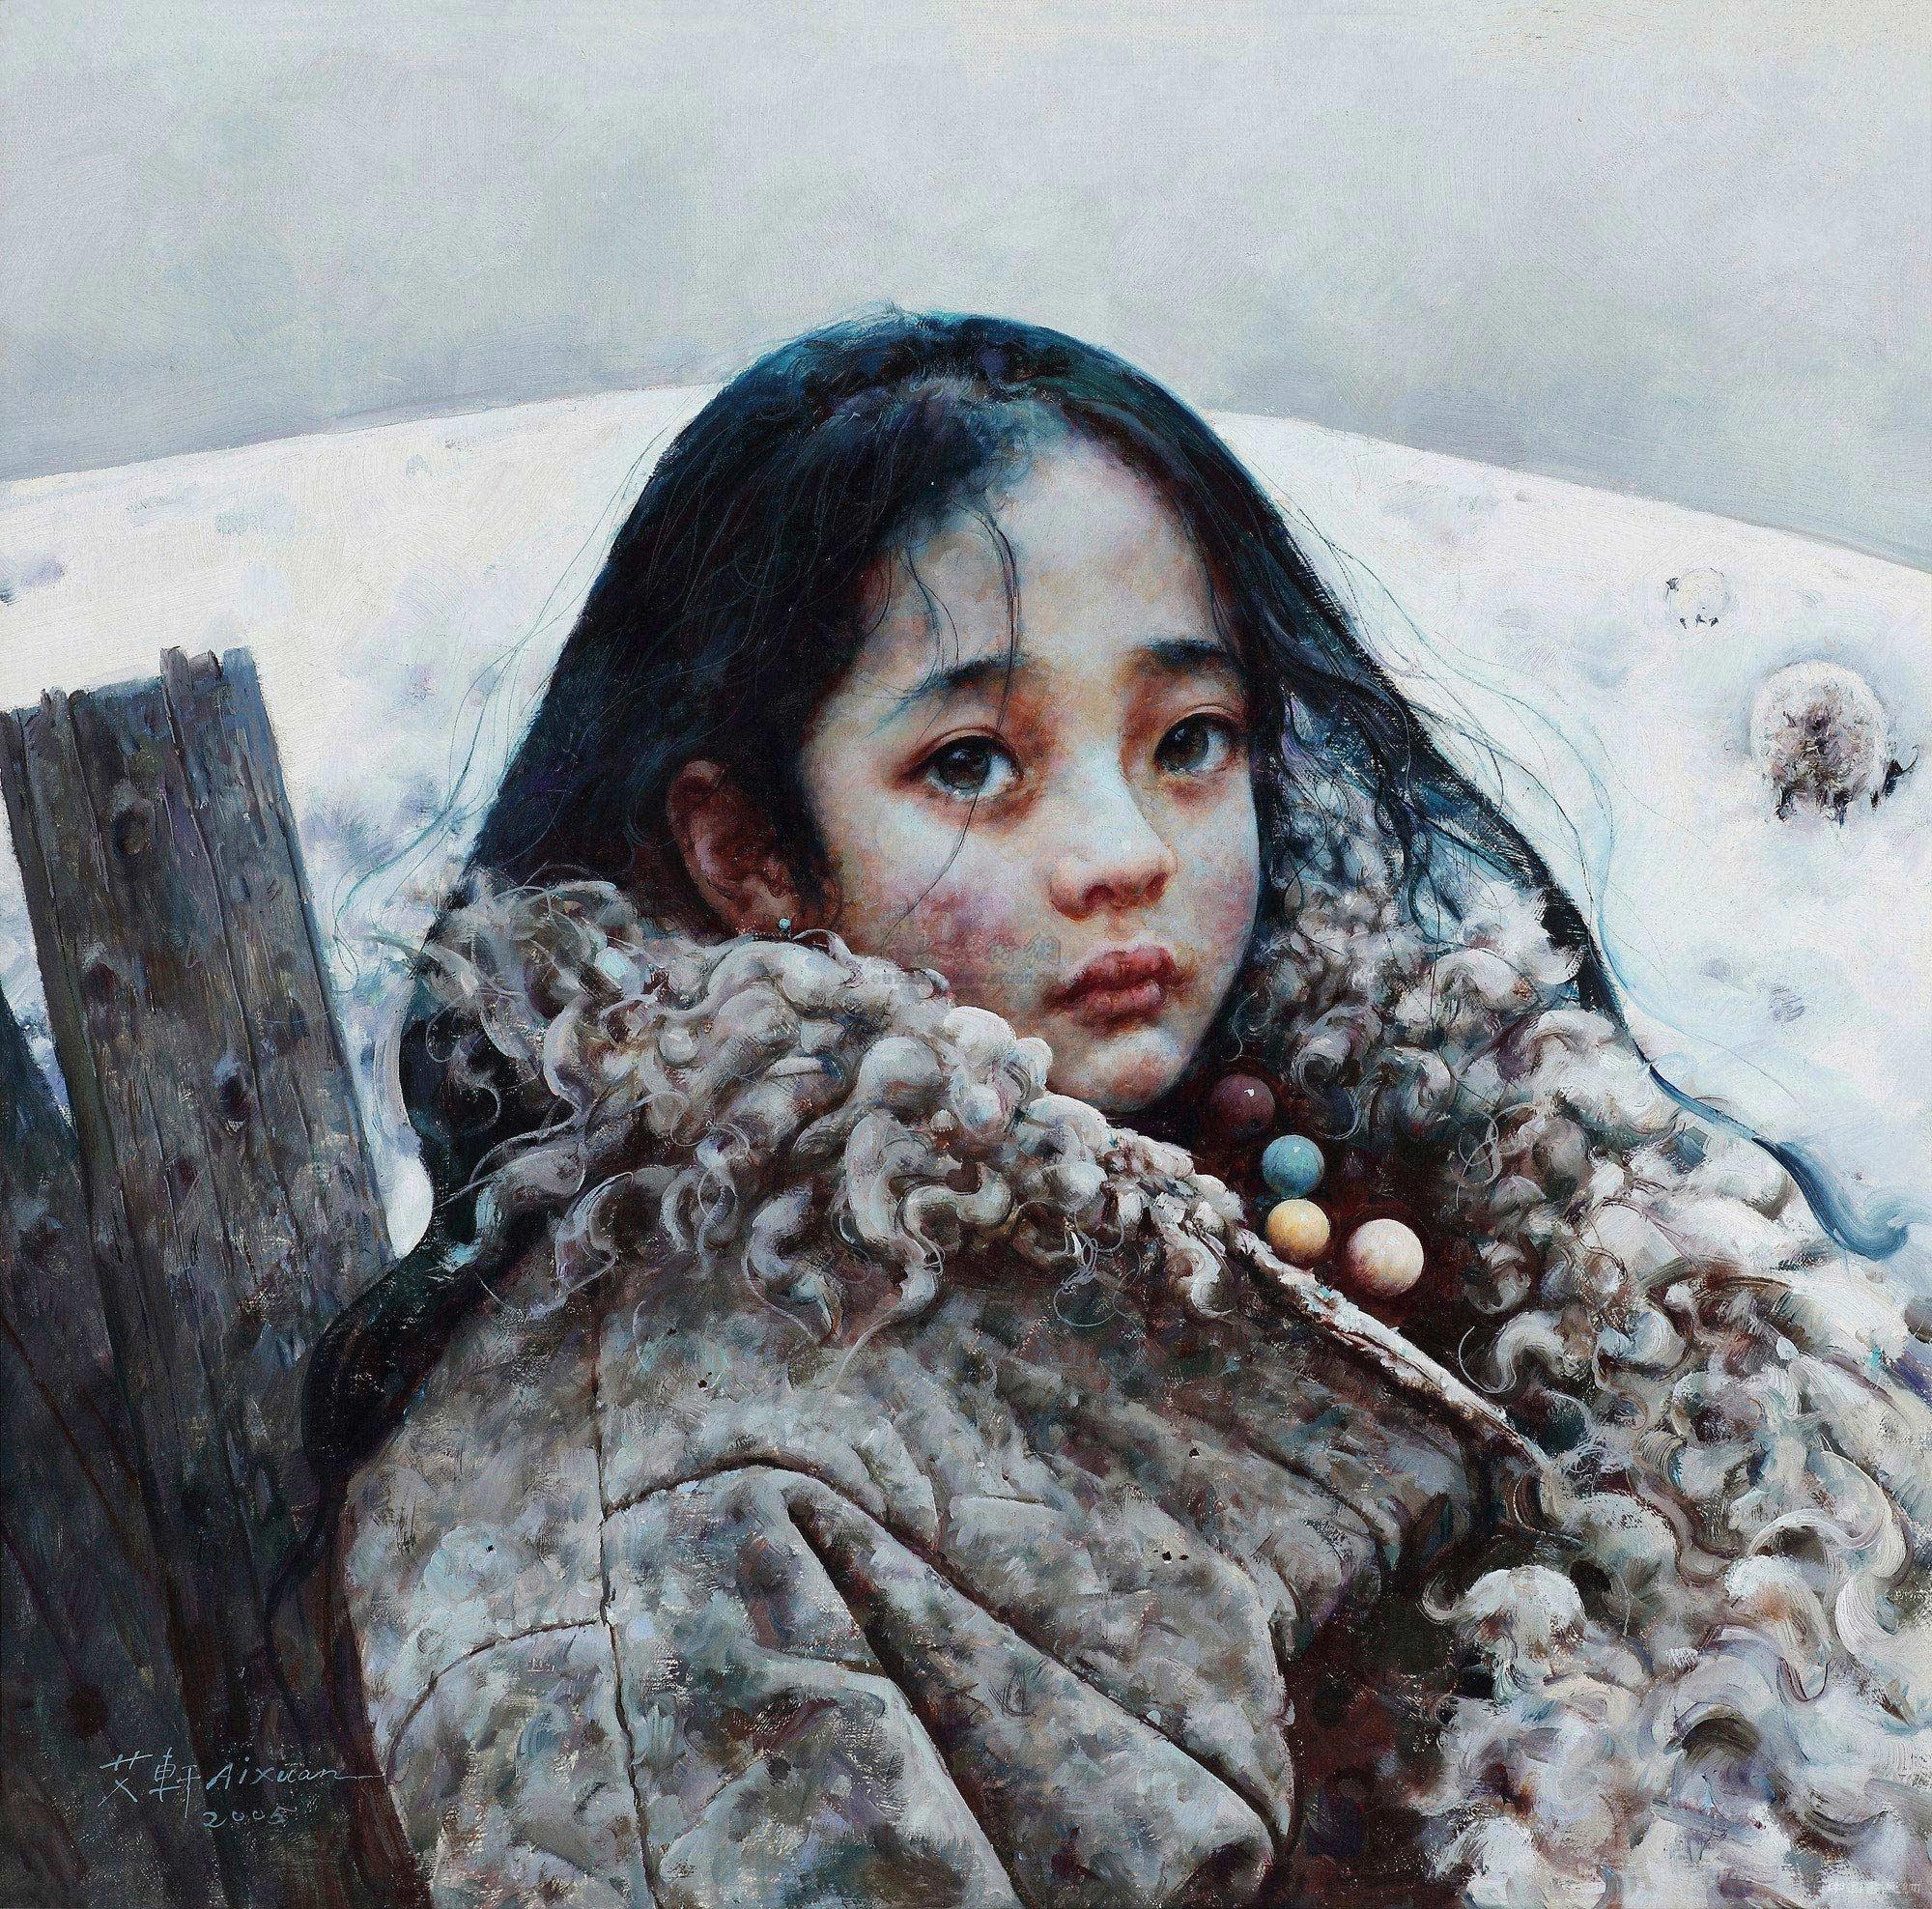 """""""之最高桂冠,但这些光环头衔显然不如其留下的画作更能说明怀斯的伟大。六十年前,那幅《克里斯蒂娜的世界》(1948)使怀斯在美国家喻户晓,画中人是怀斯的邻居克里斯蒂娜•奥尔森,她先天患小儿麻痹症却有着高贵的尊严,一生拒绝使用轮椅,宁愿在污秽中生存也不愿被寄养在他人门下,画面上的她腾挪身体在广袤的秋原上爬行,遥望远处的家。如今,高居于山坡上的克里斯蒂娜的木屋早已变成缅因州的旅游景点,很多喜爱怀斯的人从各地赶来,静静坐到山坡下面,以""""怀斯式的凝视""""体验那份对于生命尊"""